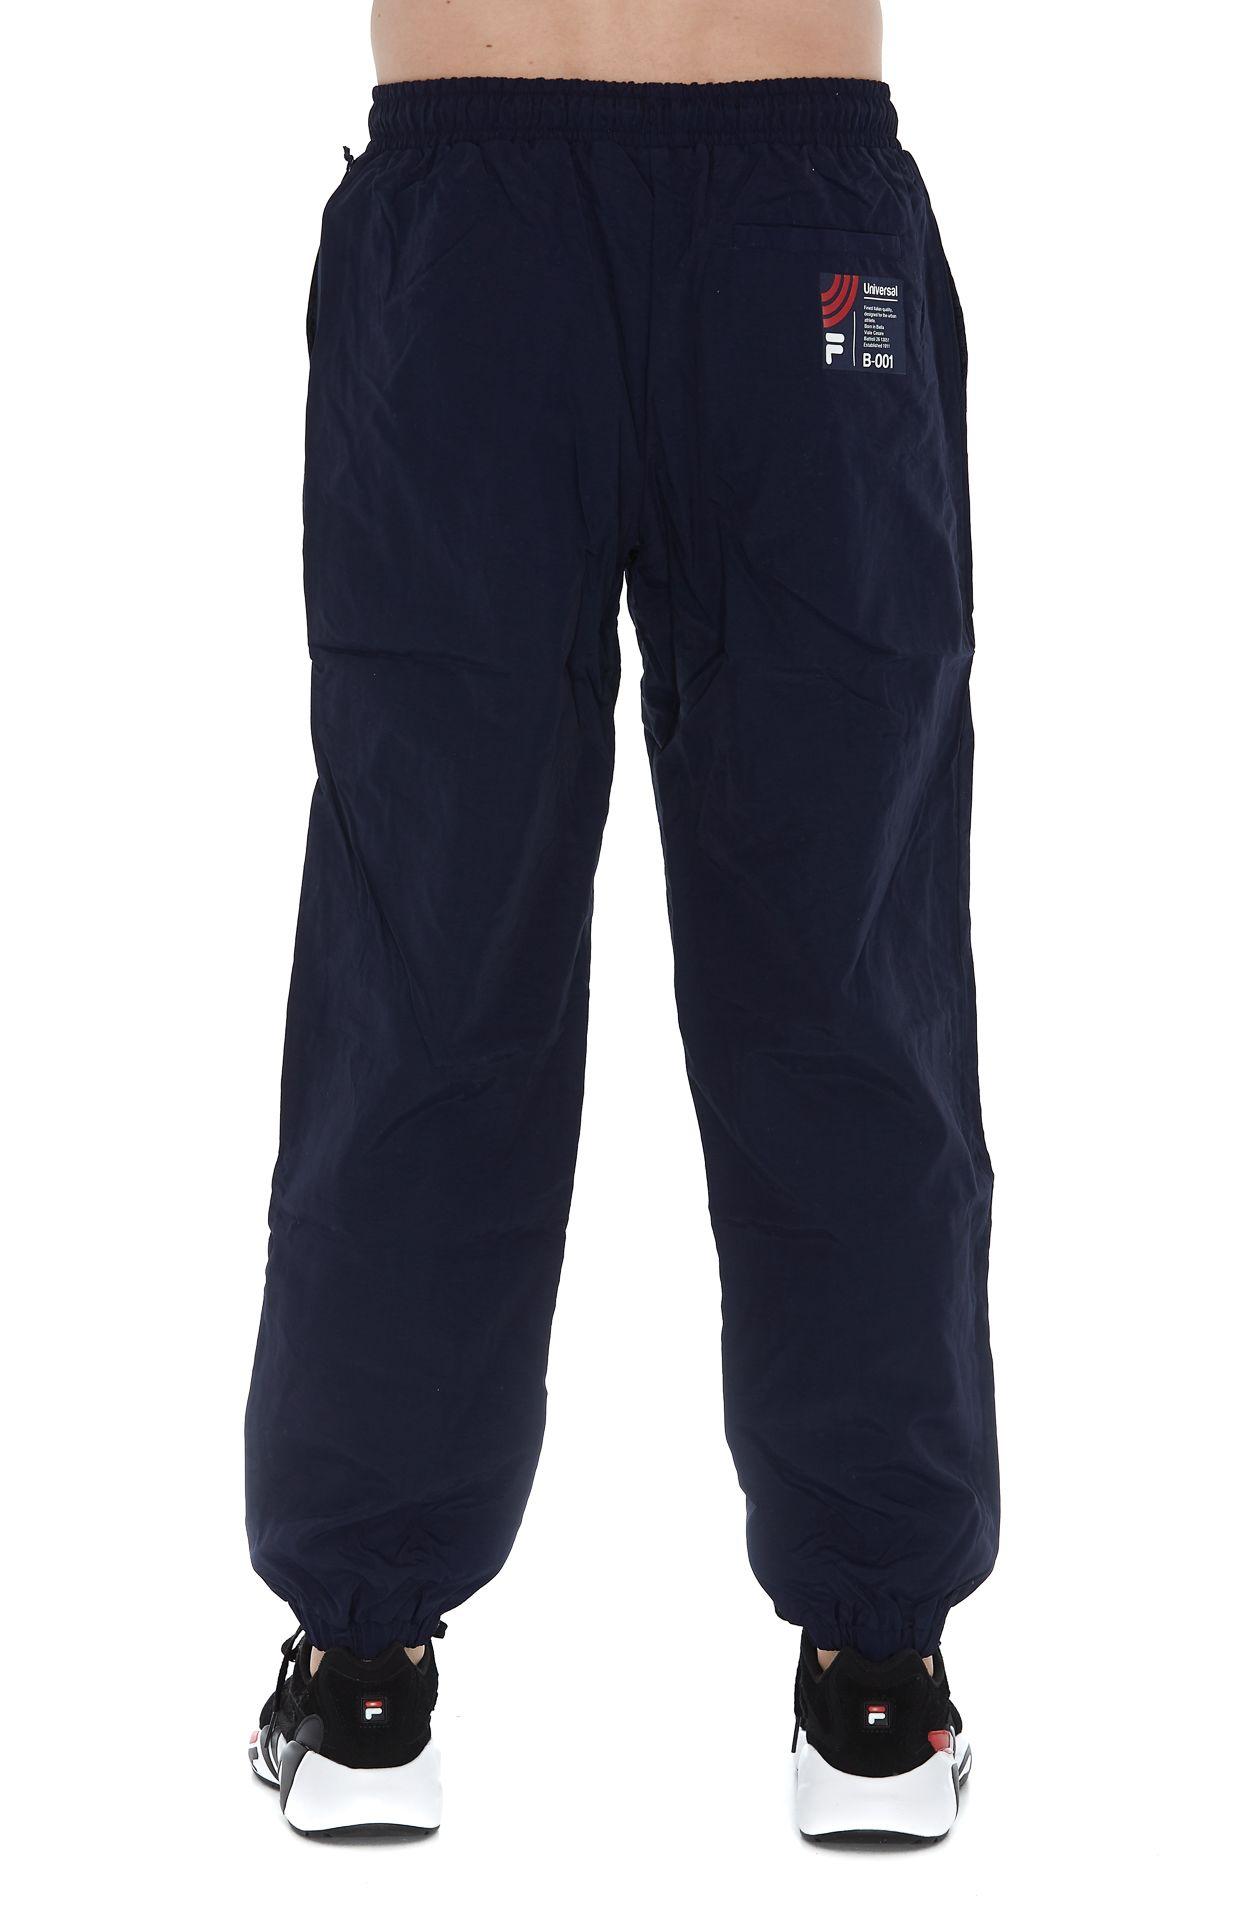 4b22f06d6eb Fila Fila Jordan Sweatpants - Blue - 10960183 | italist